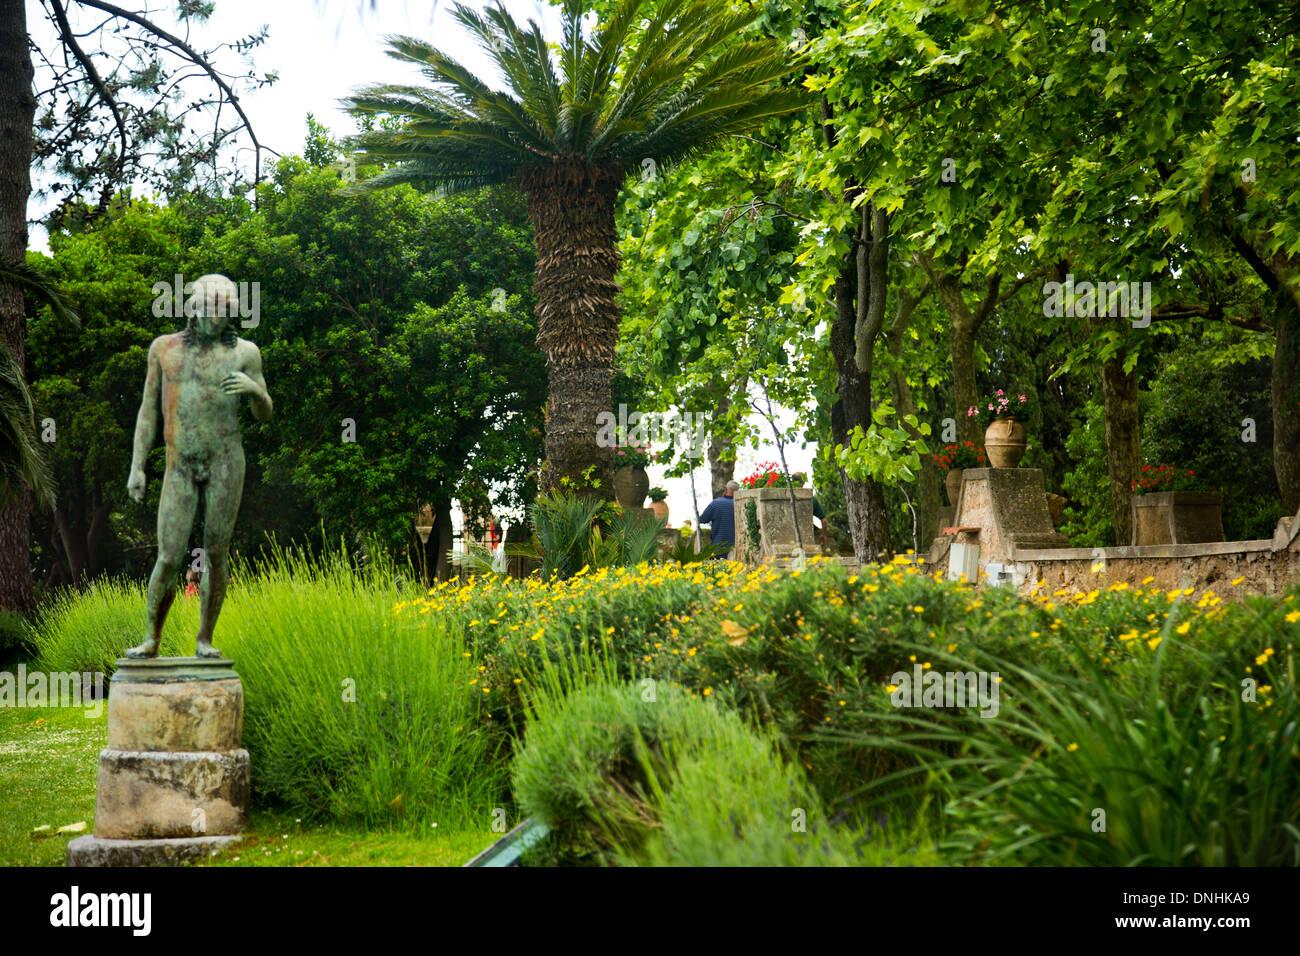 Estatua en un jardín, Villa Cimbrone, Ravello, provincia de Salerno, Región de Campania, Italia Foto de stock